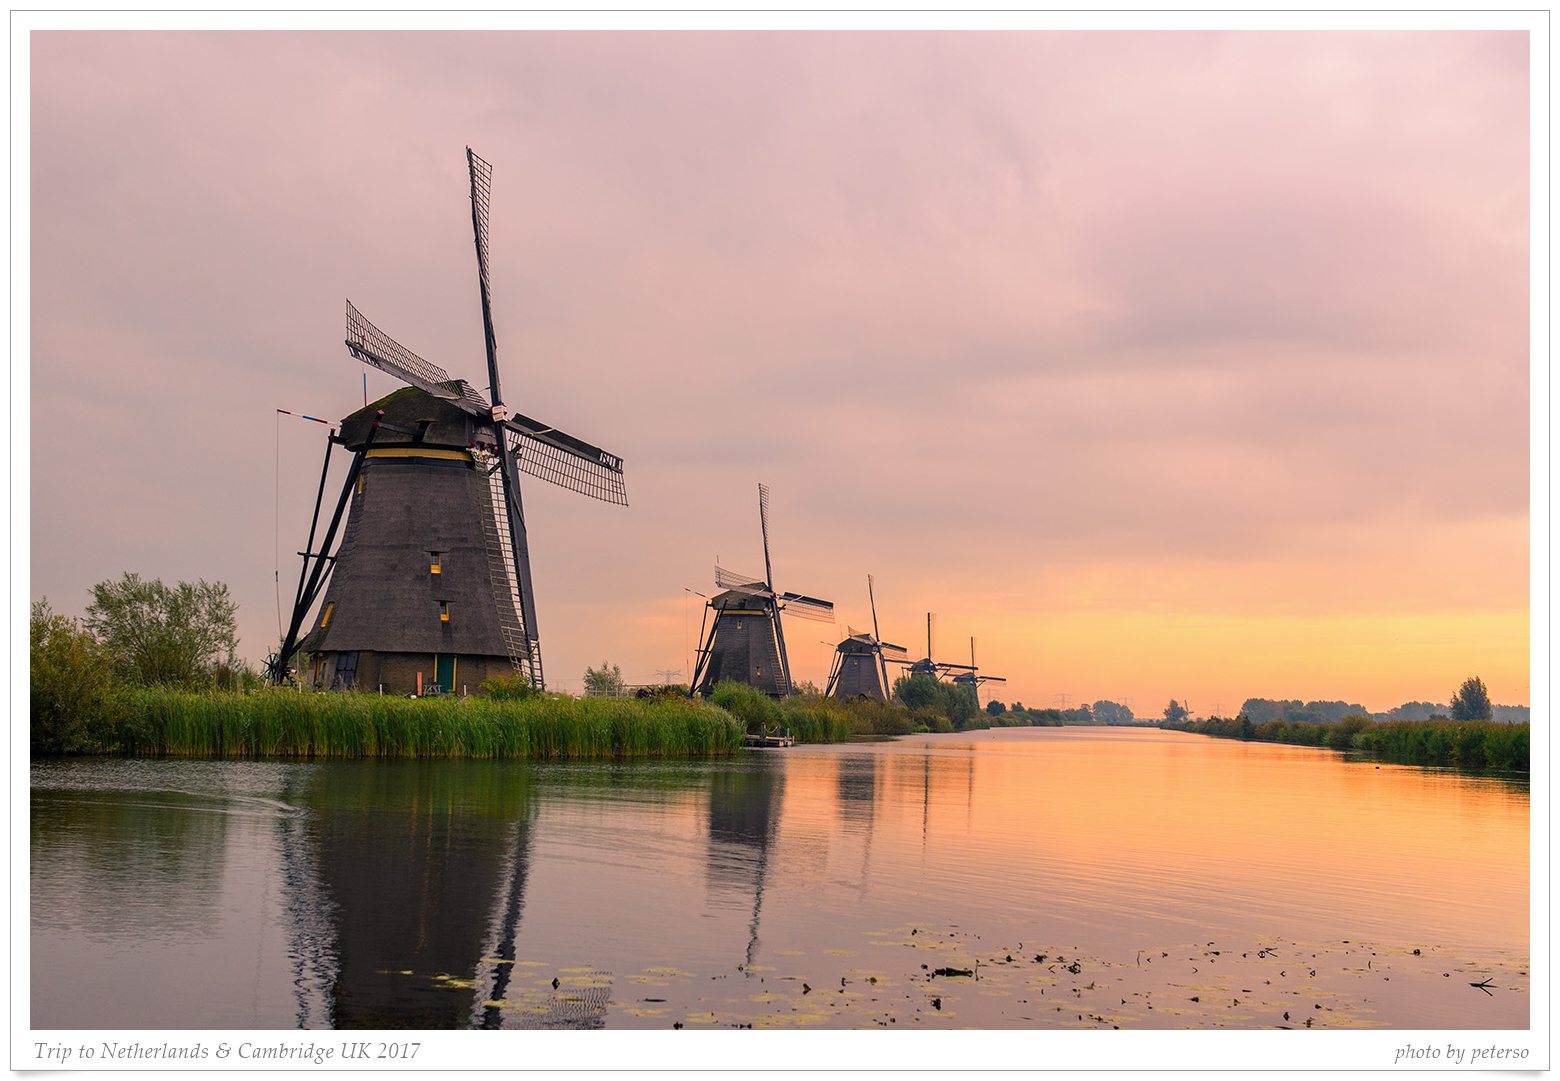 https://photos.smugmug.com/Travel/Trip-to-Netherlands-Cambridge-UK/i-LFcfBbf/0/bcbfa997/O/53f.jpg